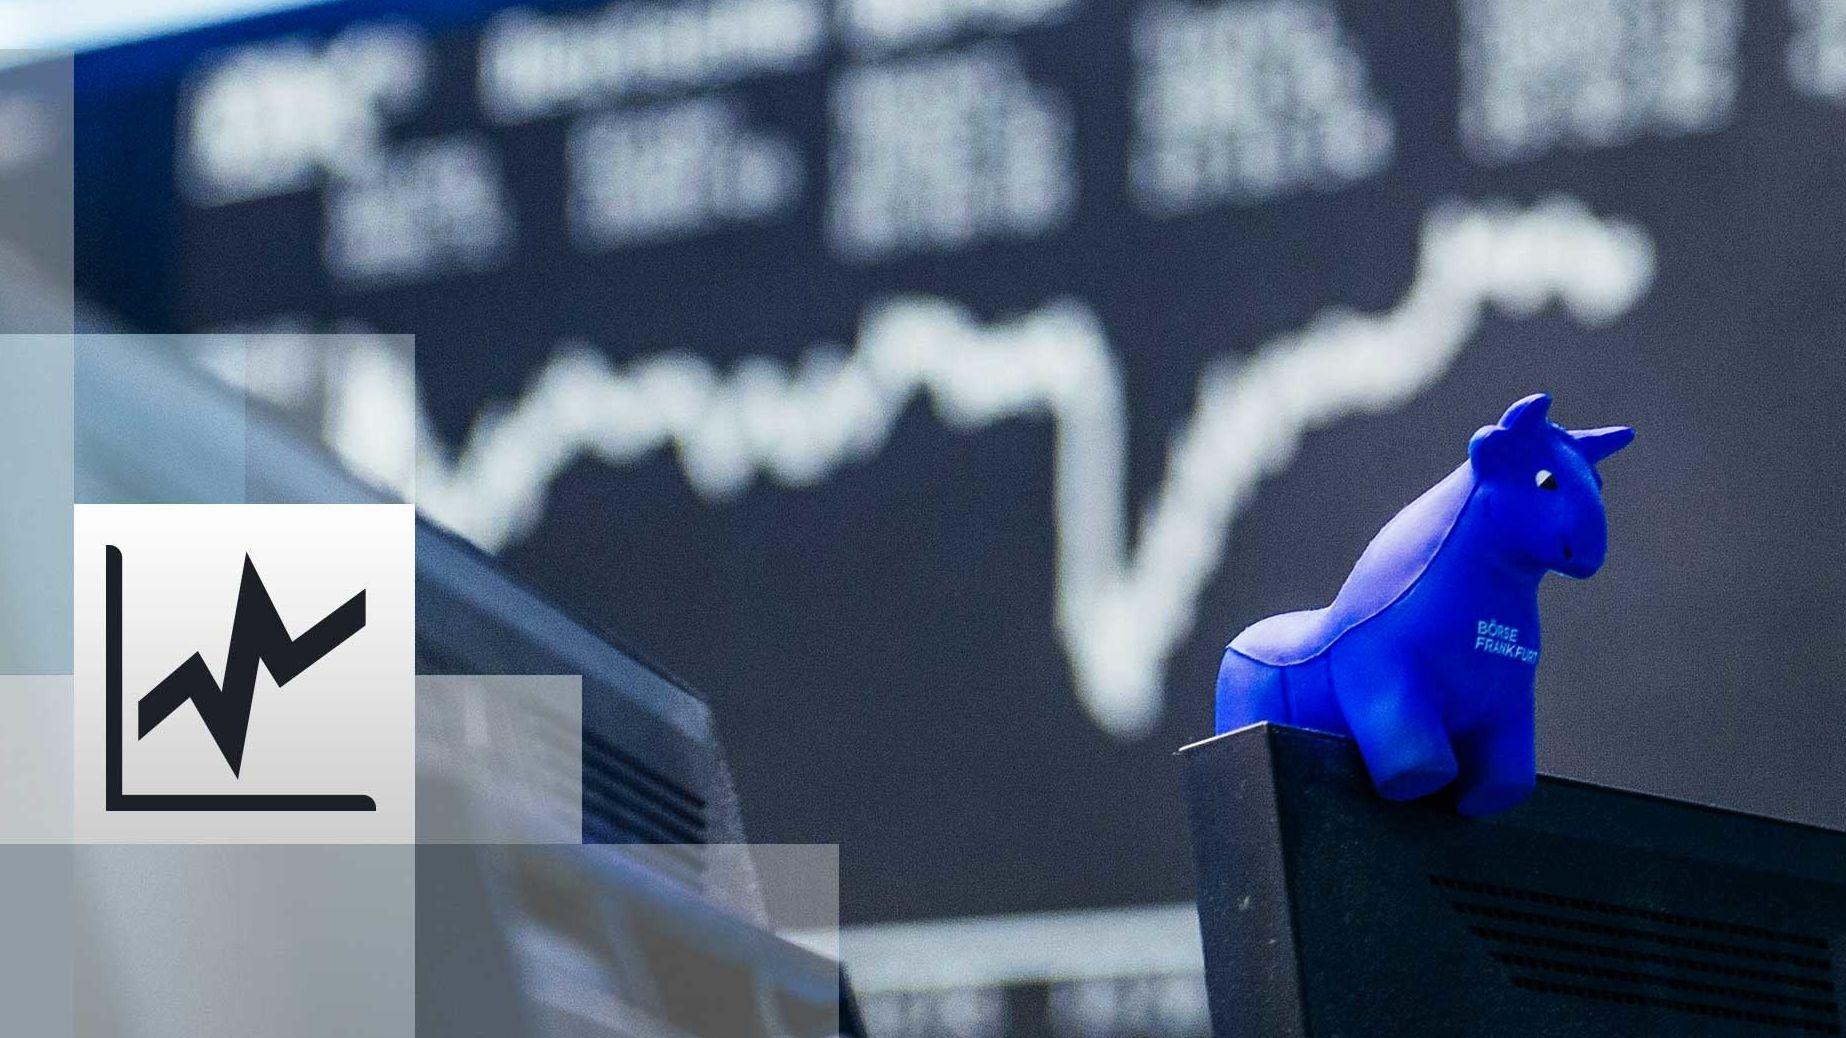 : ein blauer Stier aus Gummi sitzt auf der oberen Kante eines Bildschirmes, im Hintergrund die Kurstafel der Börse